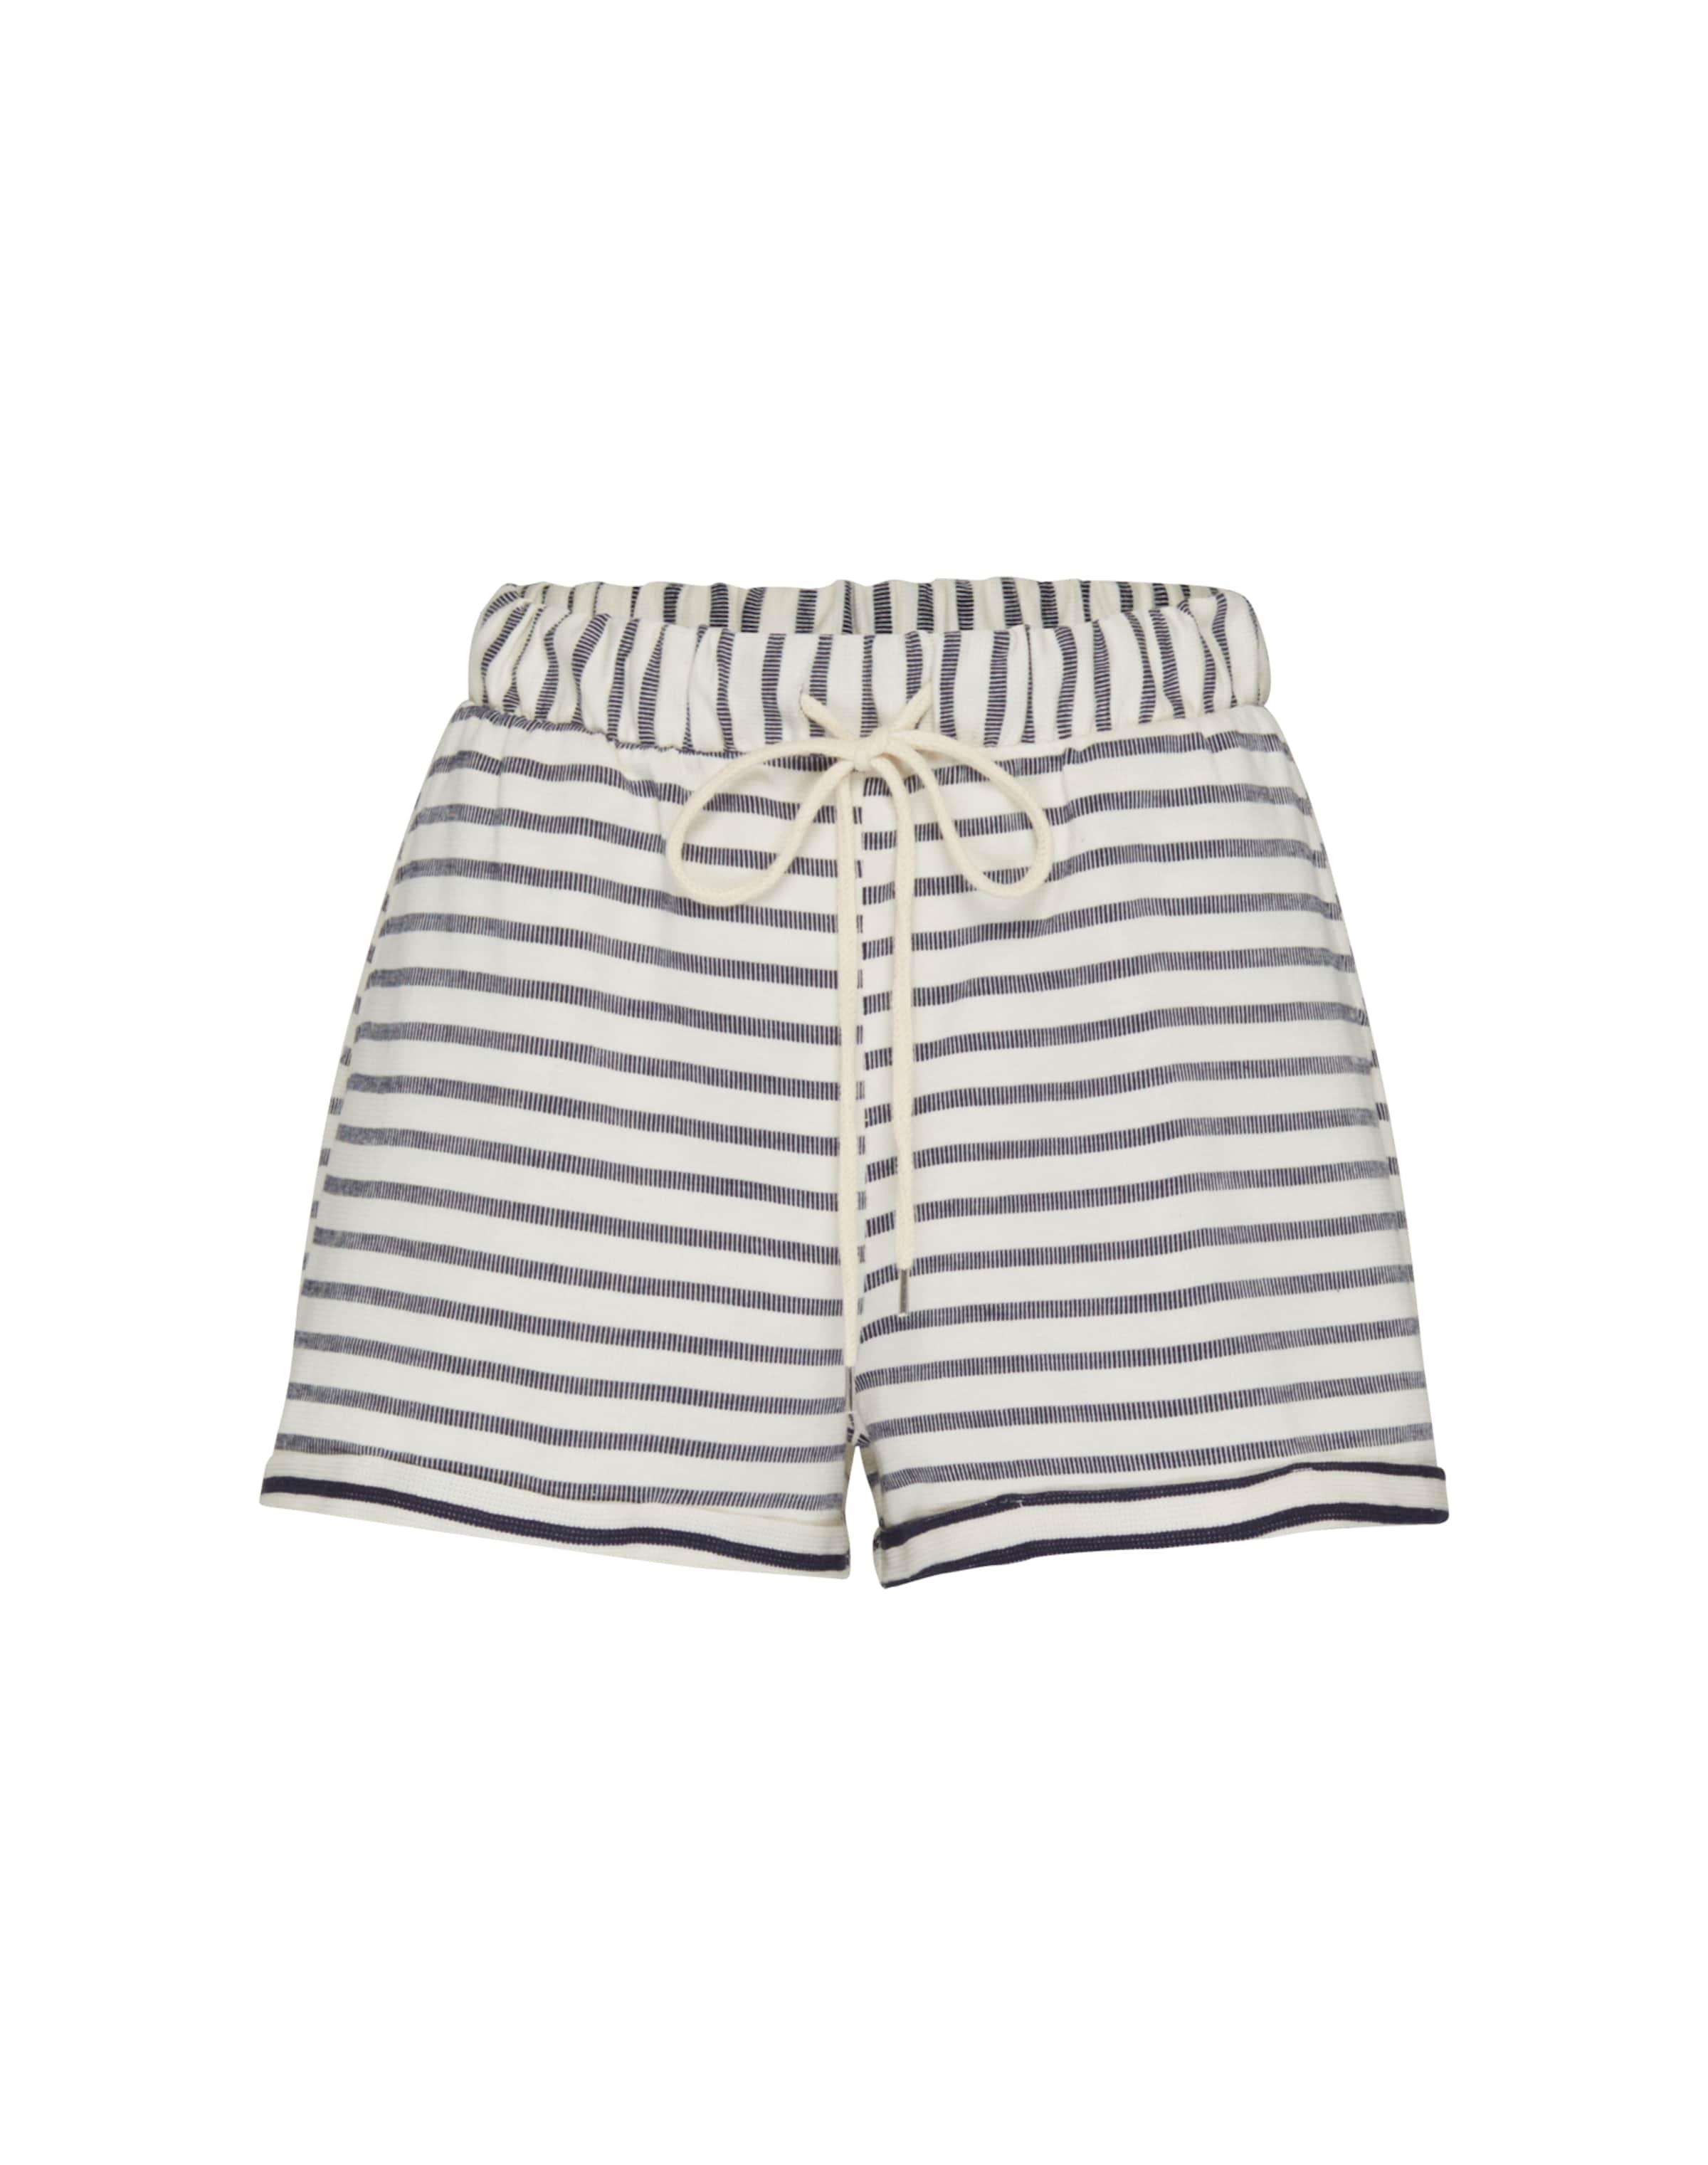 Billig Online-Shop Manchester Y.A.S Fit to relax Sweat Shorts 'YASBINTA' Bester Günstiger Preis Authentisch DUBgMK0aLx